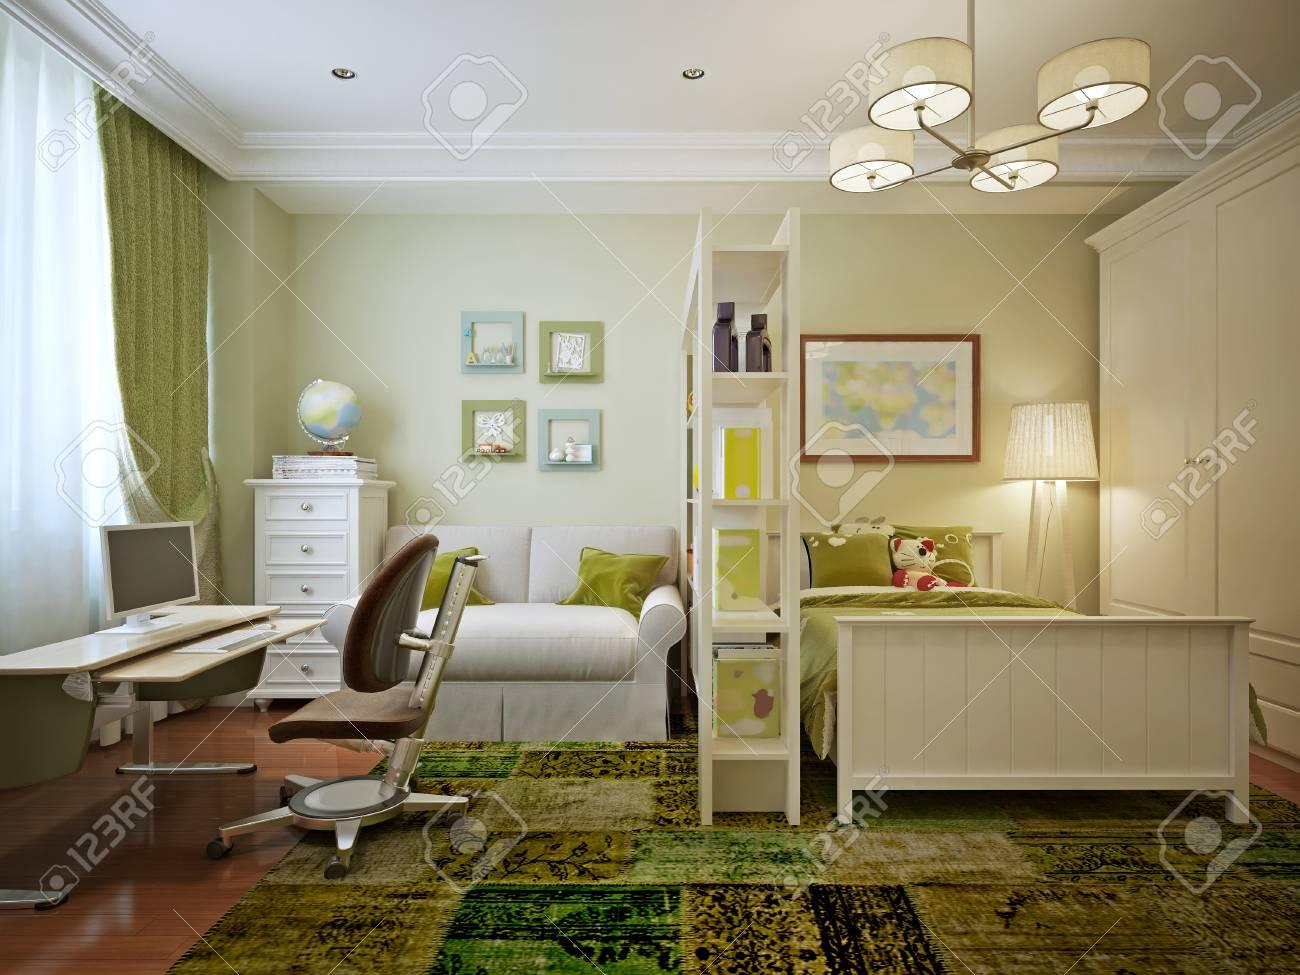 Full Size of Jungen Fr Einen In Einem Stil 3d Regal Weiß Regale Sofa Kinderzimmer Jungen Kinderzimmer